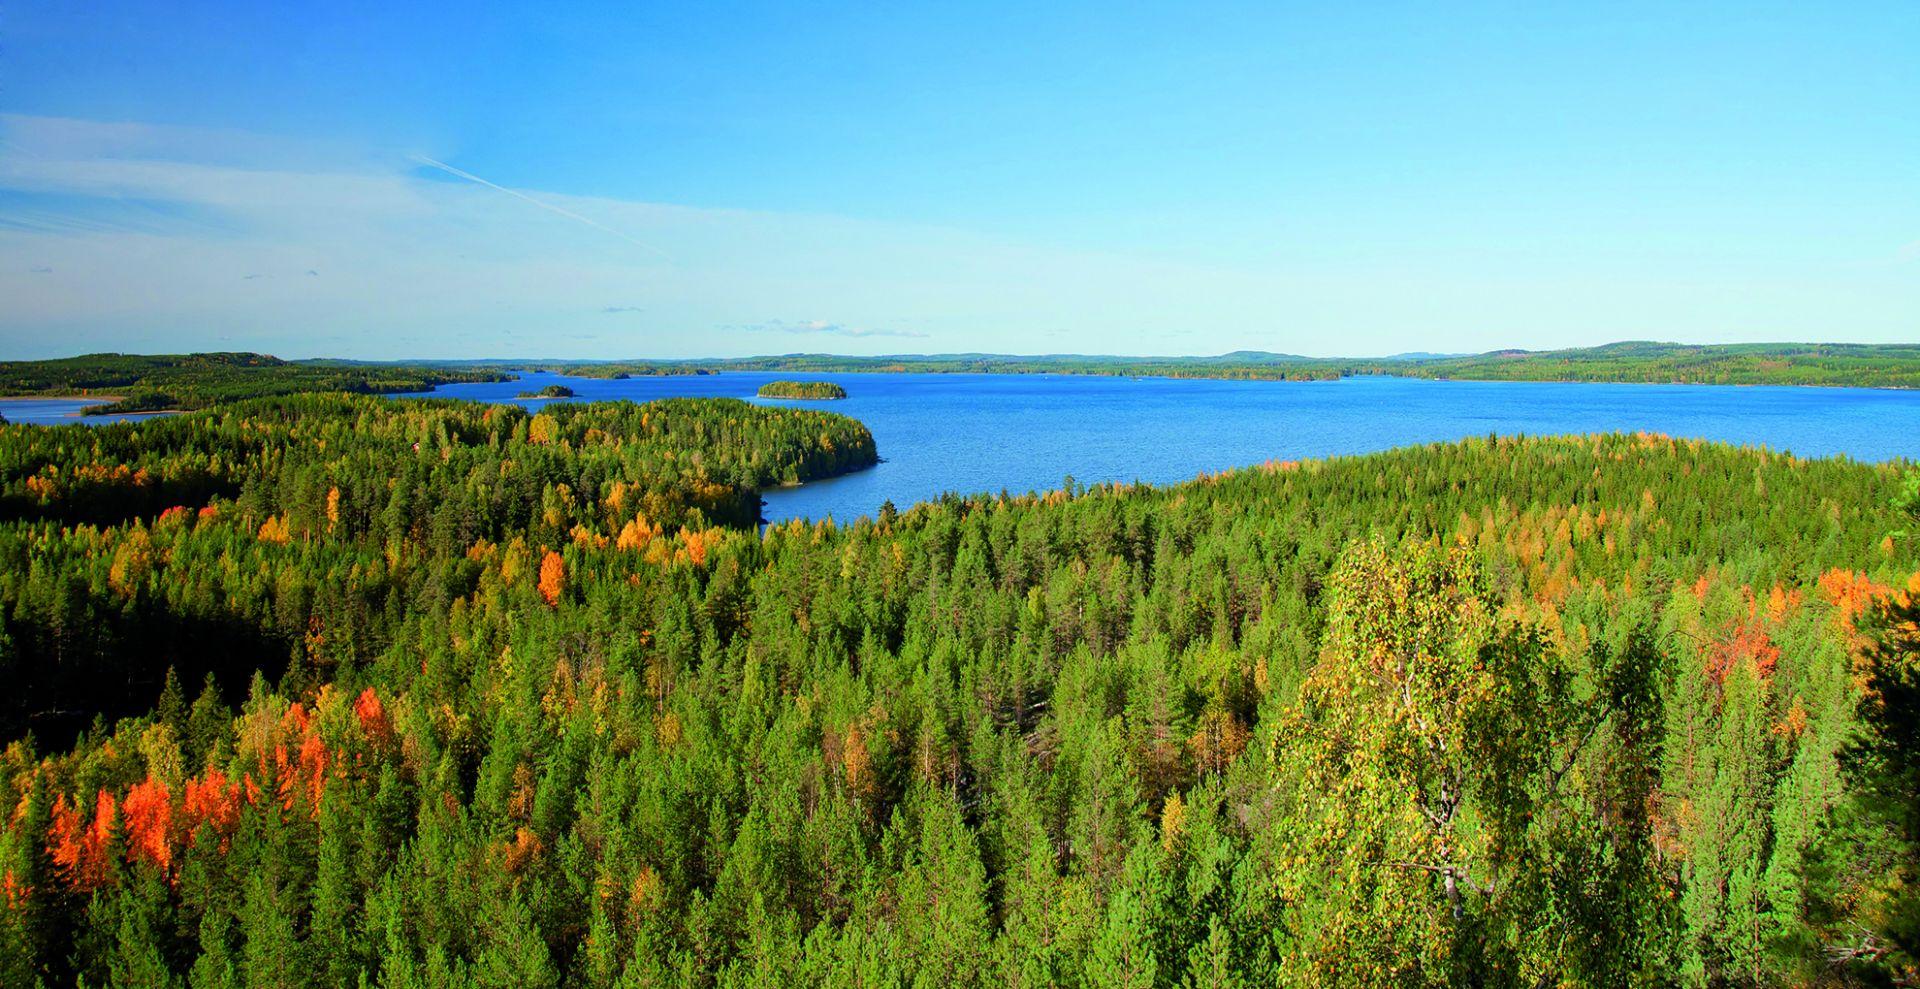 metsä- ja järvimaisema ylhäältä päin kuvattuna